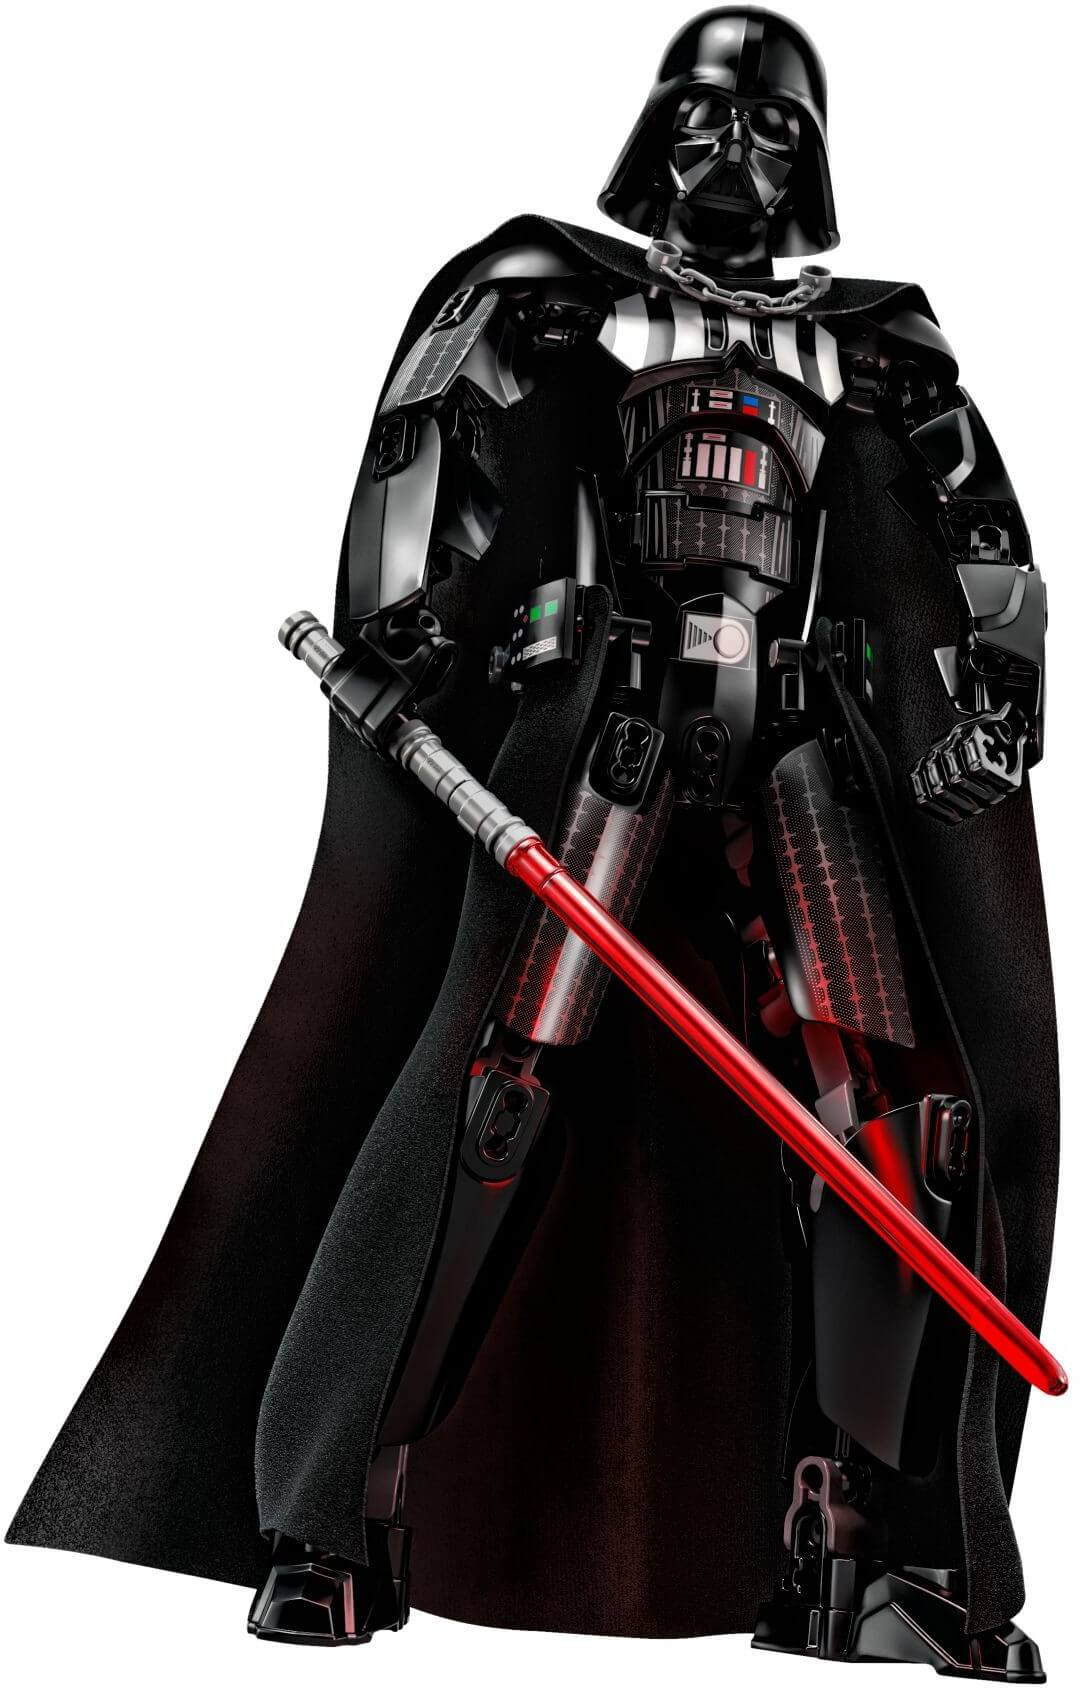 Mua đồ chơi LEGO 75534 - LEGO Star Wars 75534 - Chúa tể Bóng tối Darth Vader (LEGO Star Wars 75534 Darth Vader)